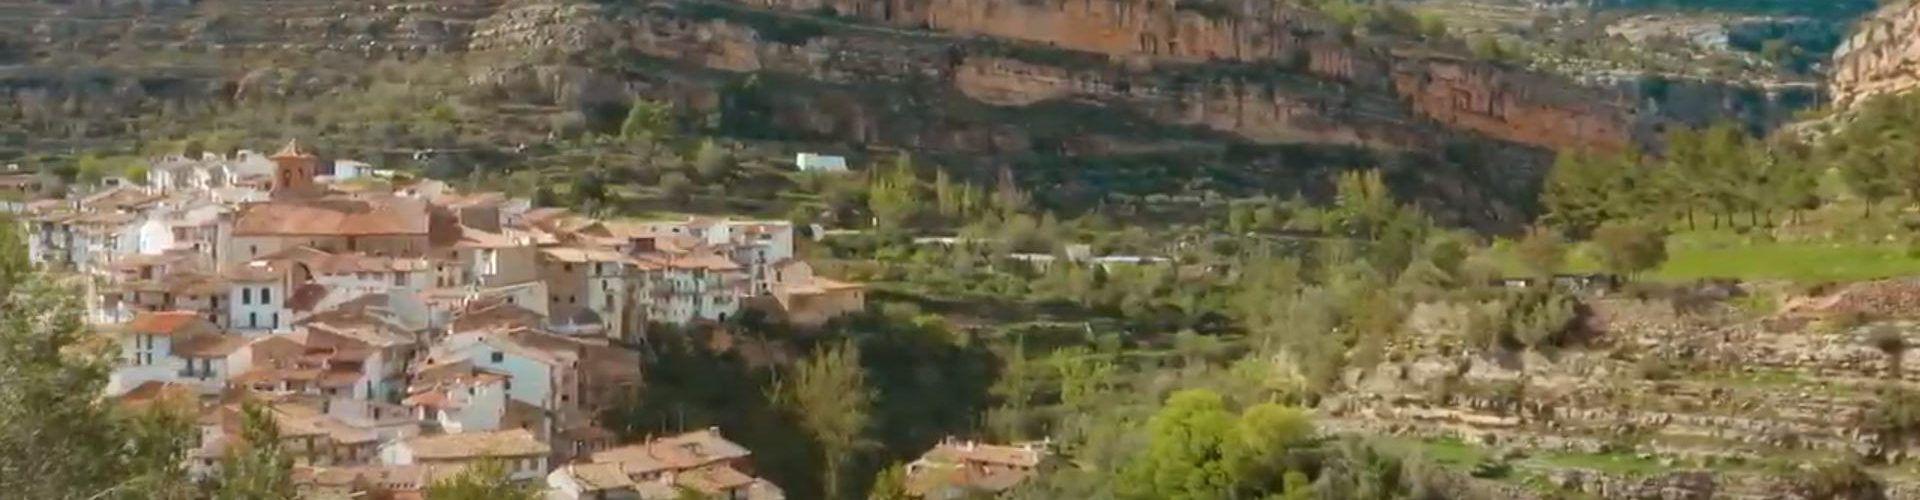 Vídeo de presentació del projecte Maestrazgo-Els Ports